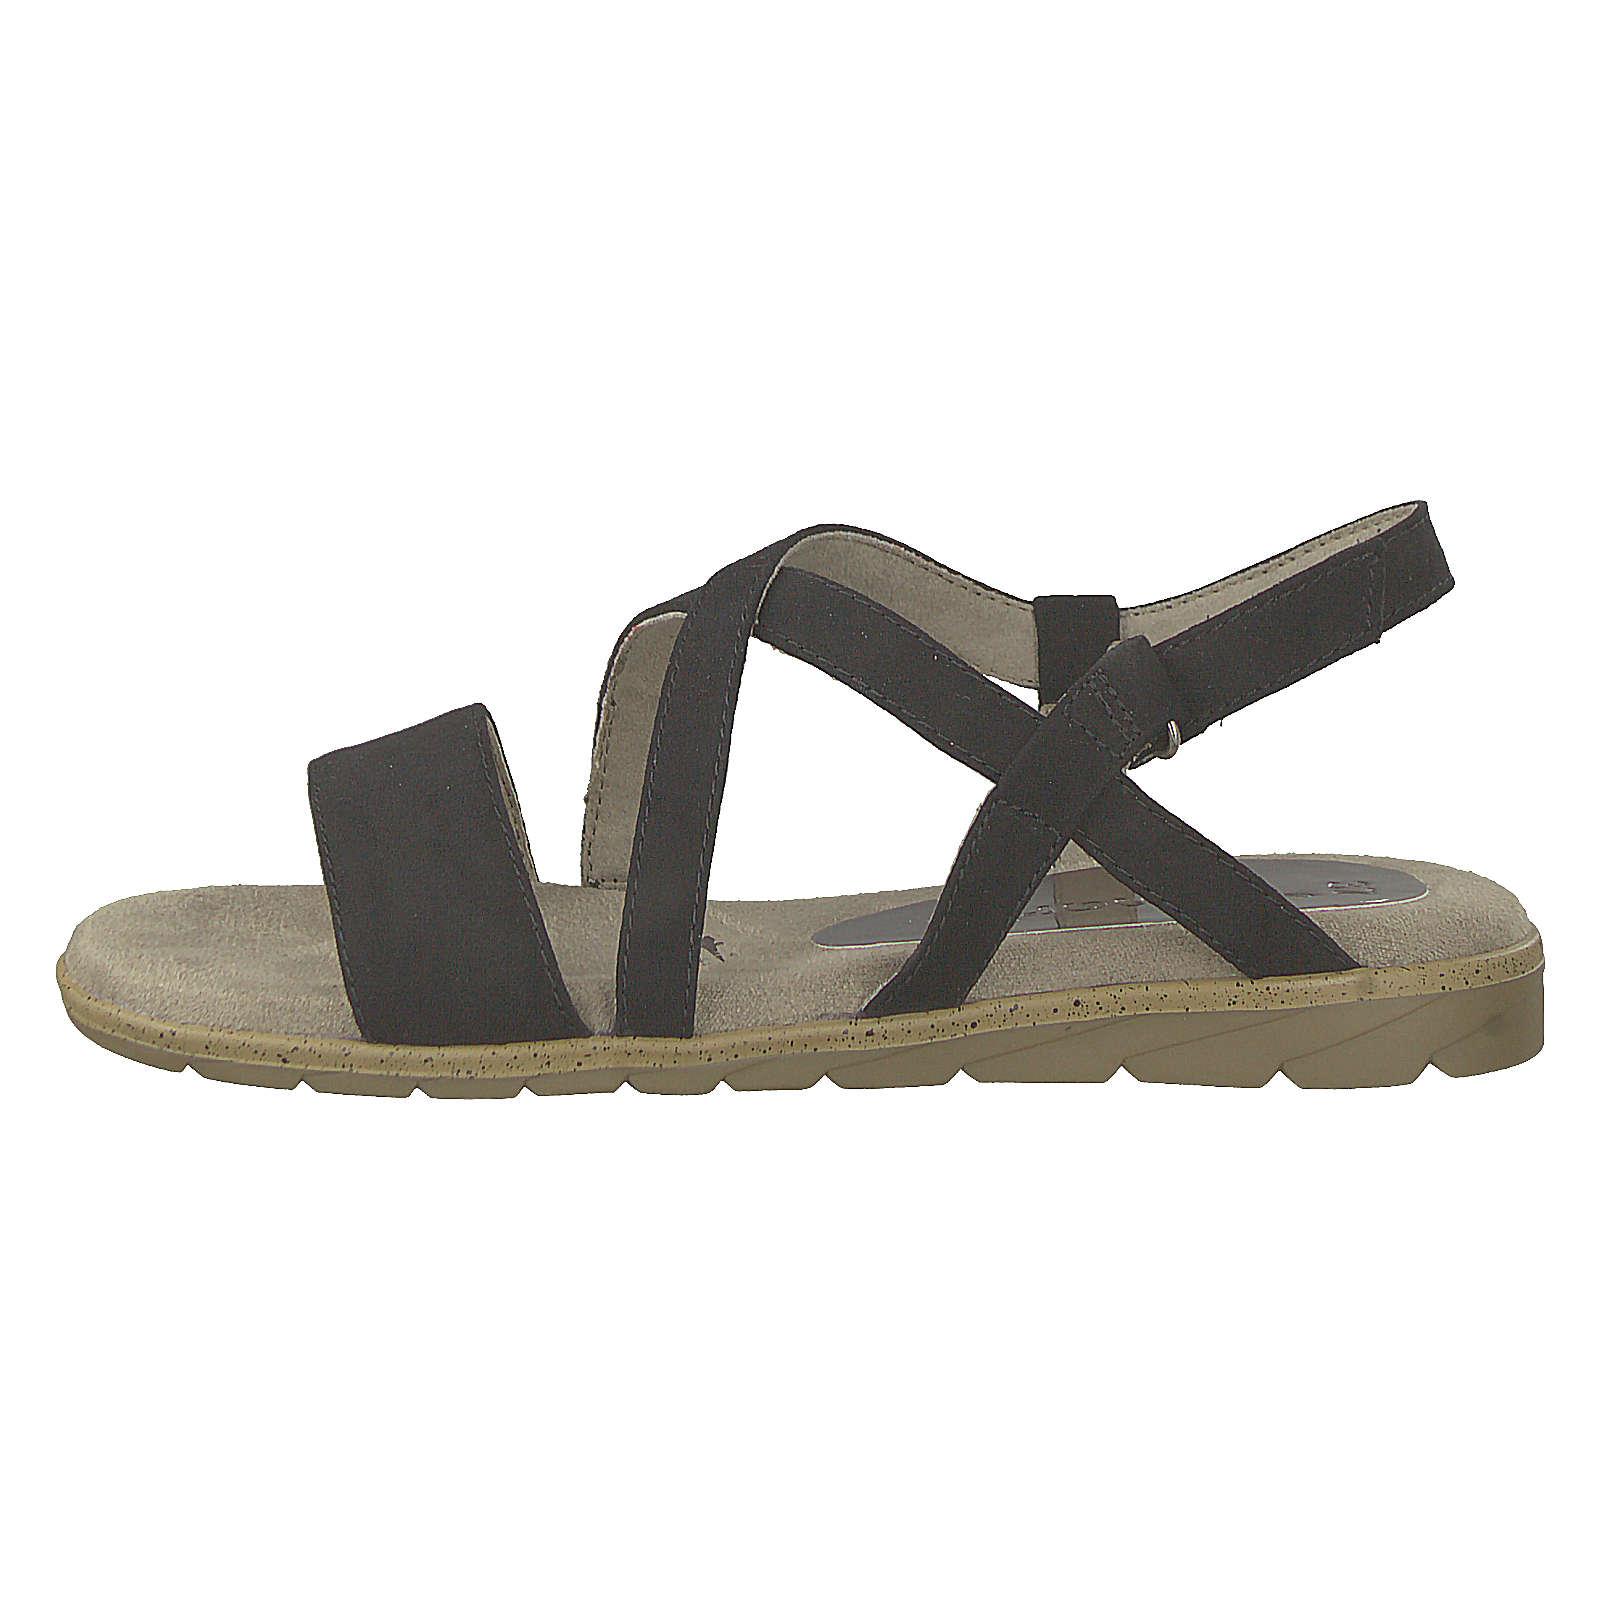 Tamaris Klassische Sandalen schwarz Damen Gr. 36